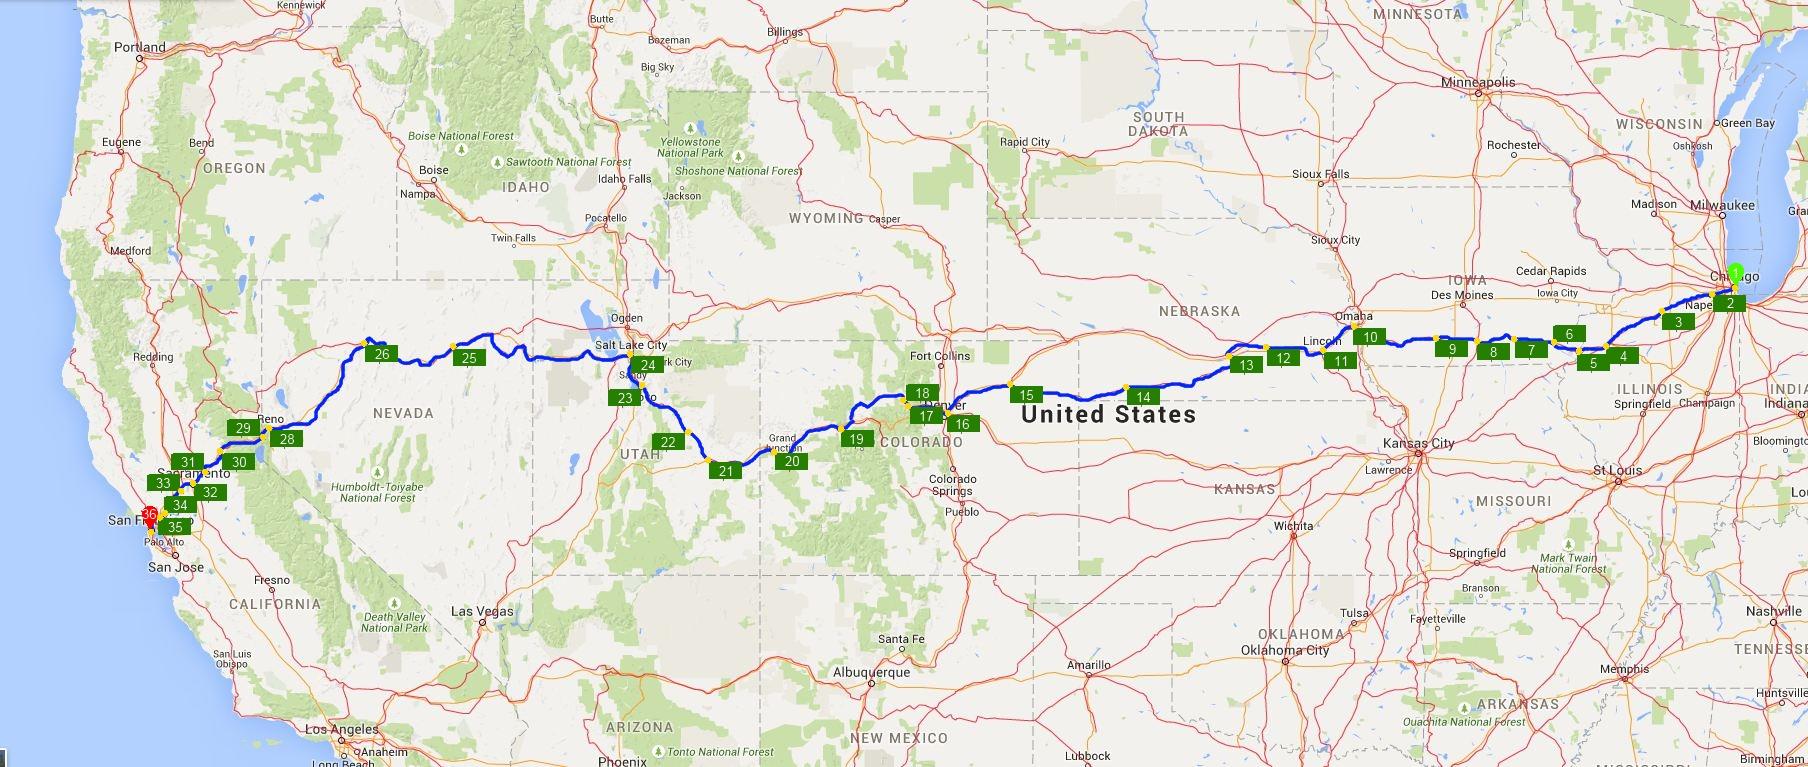 California Zephyr Route Nanovor New Amtrak Map - Touran - Amtrak California Zephyr Map